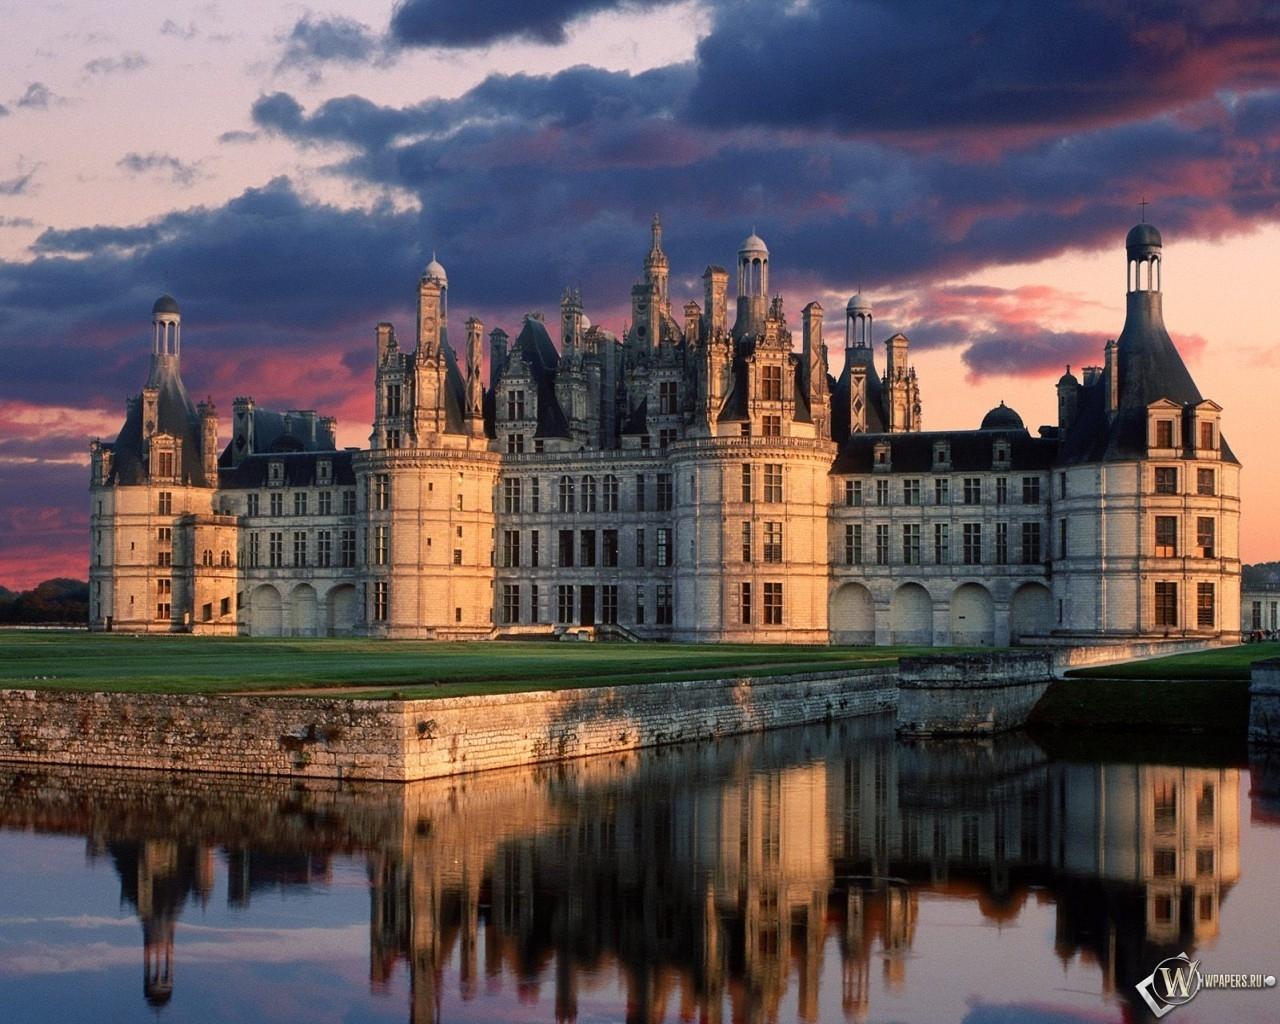 Chateau de Chambord France 1280x1024